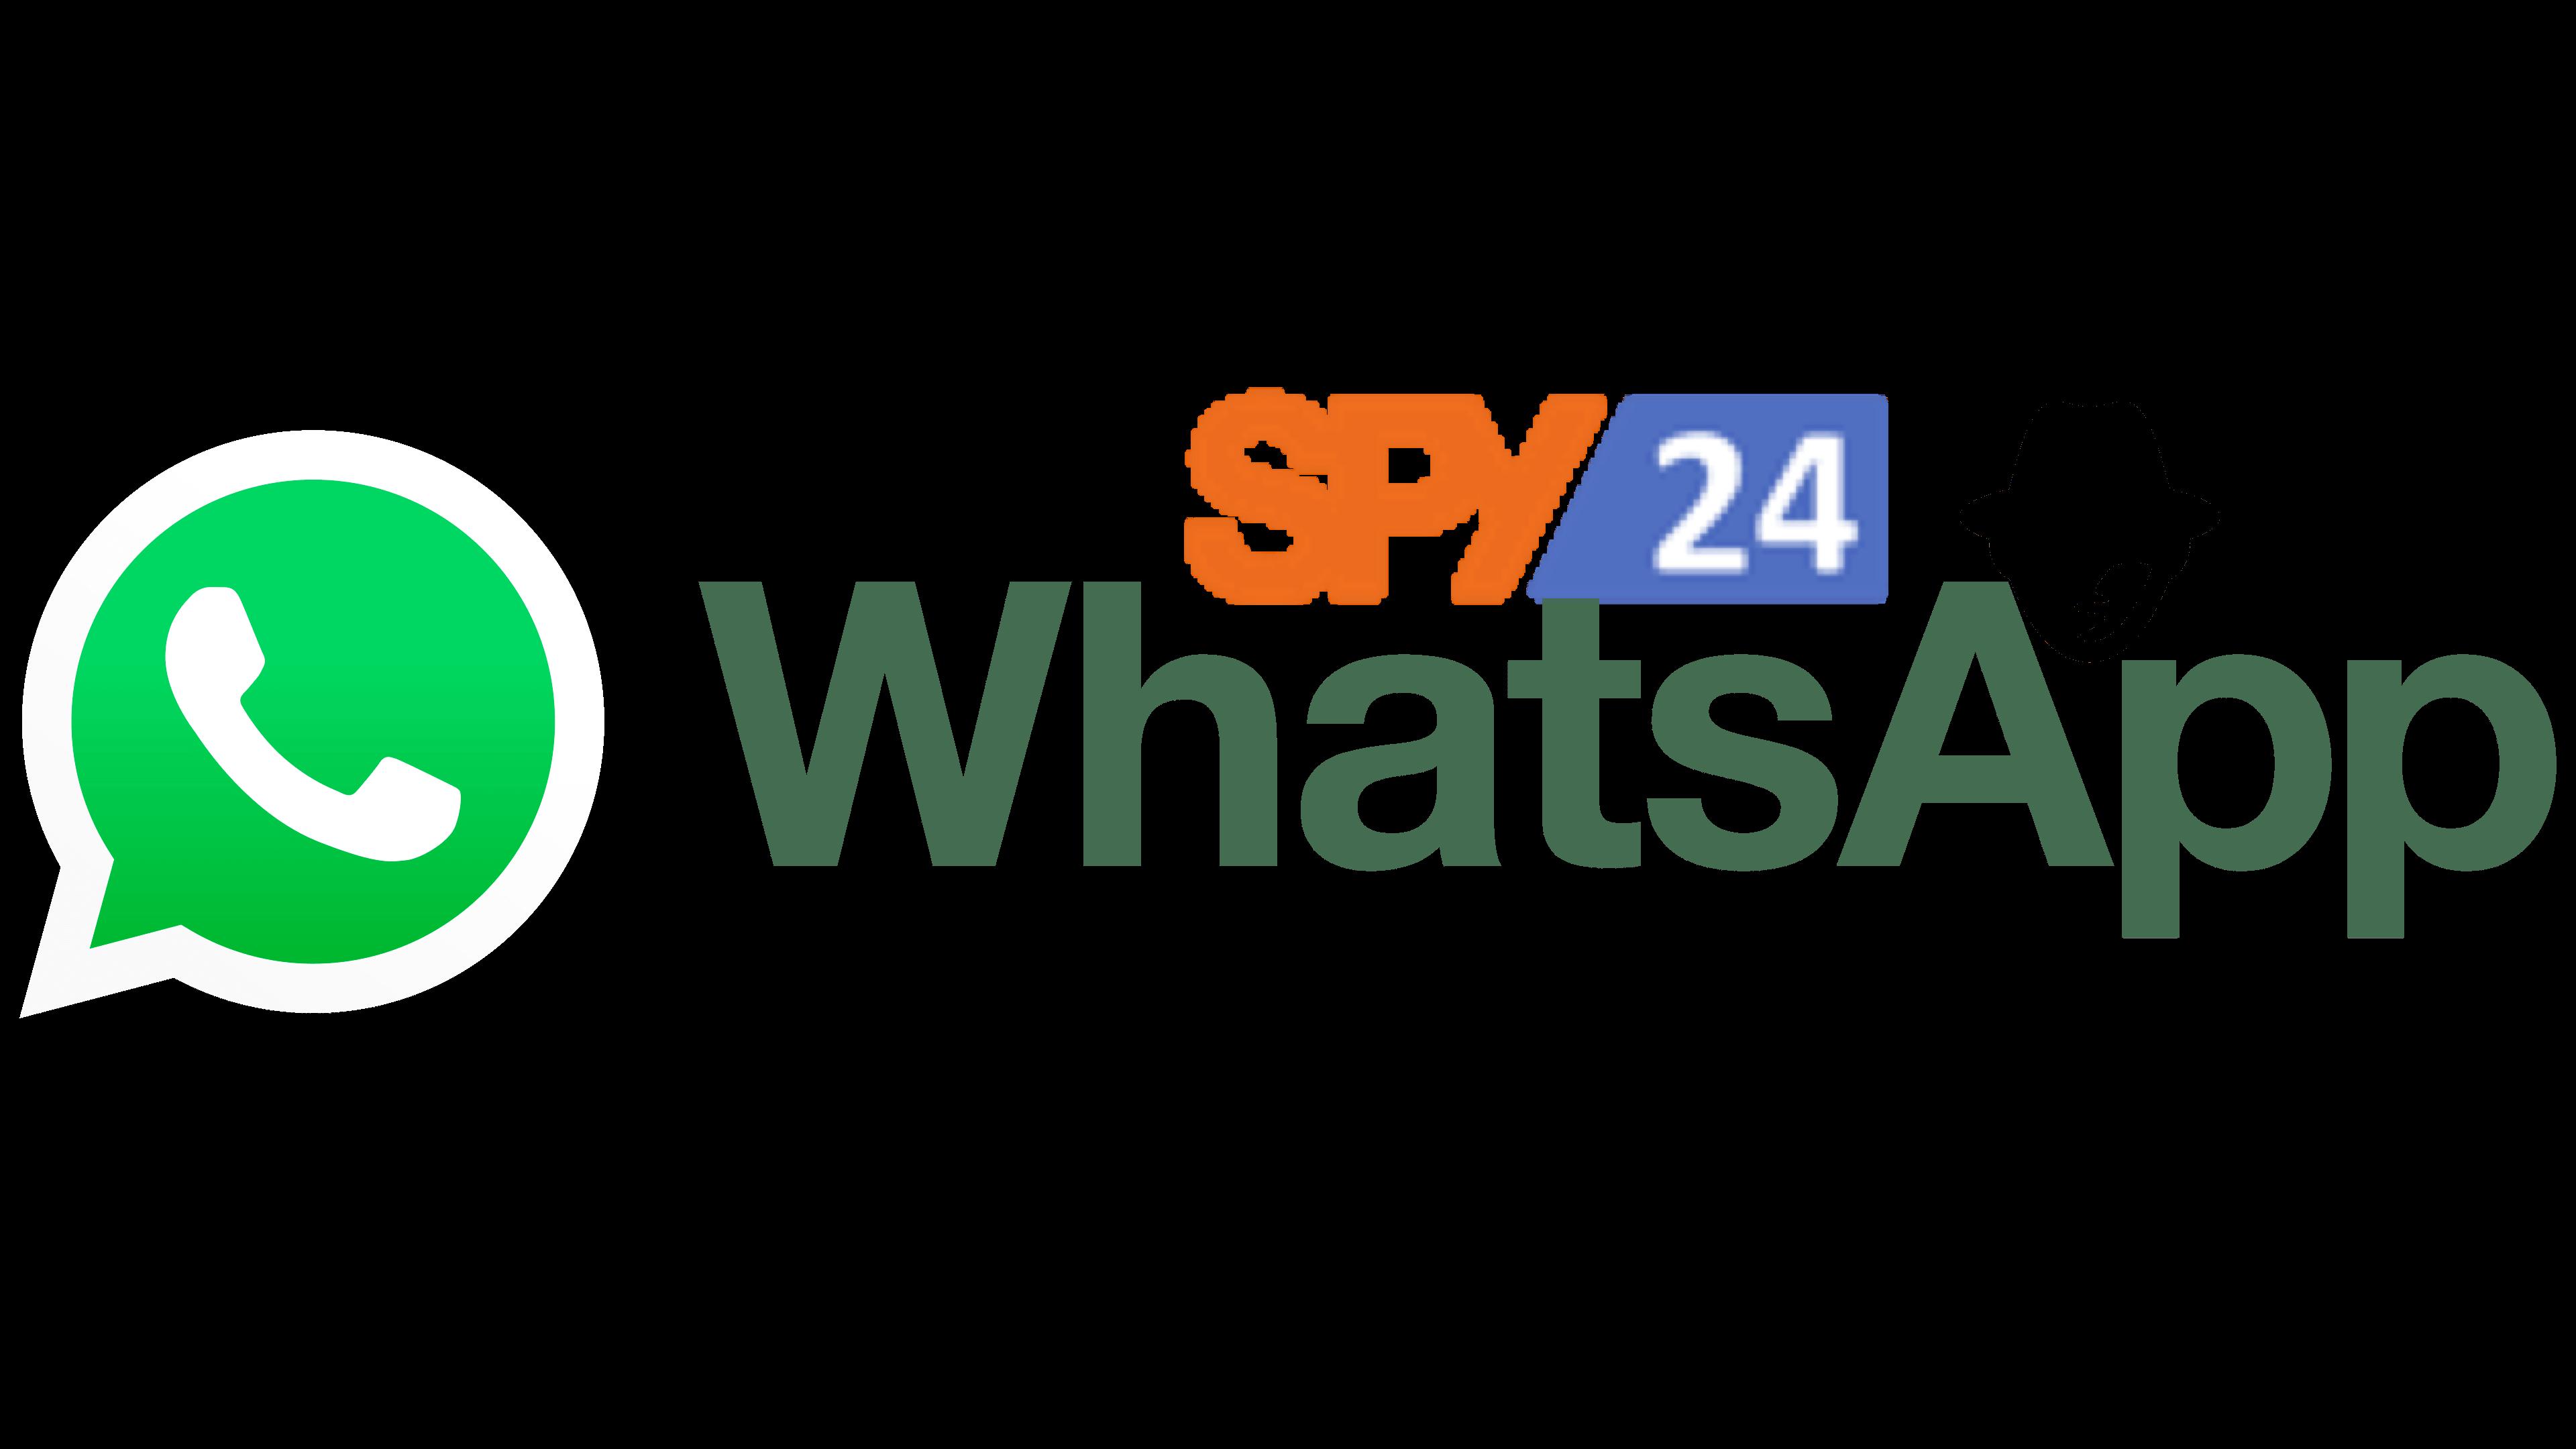 WhatsApp Takip Etme Programı SPY24 Nasıl Çalışır?